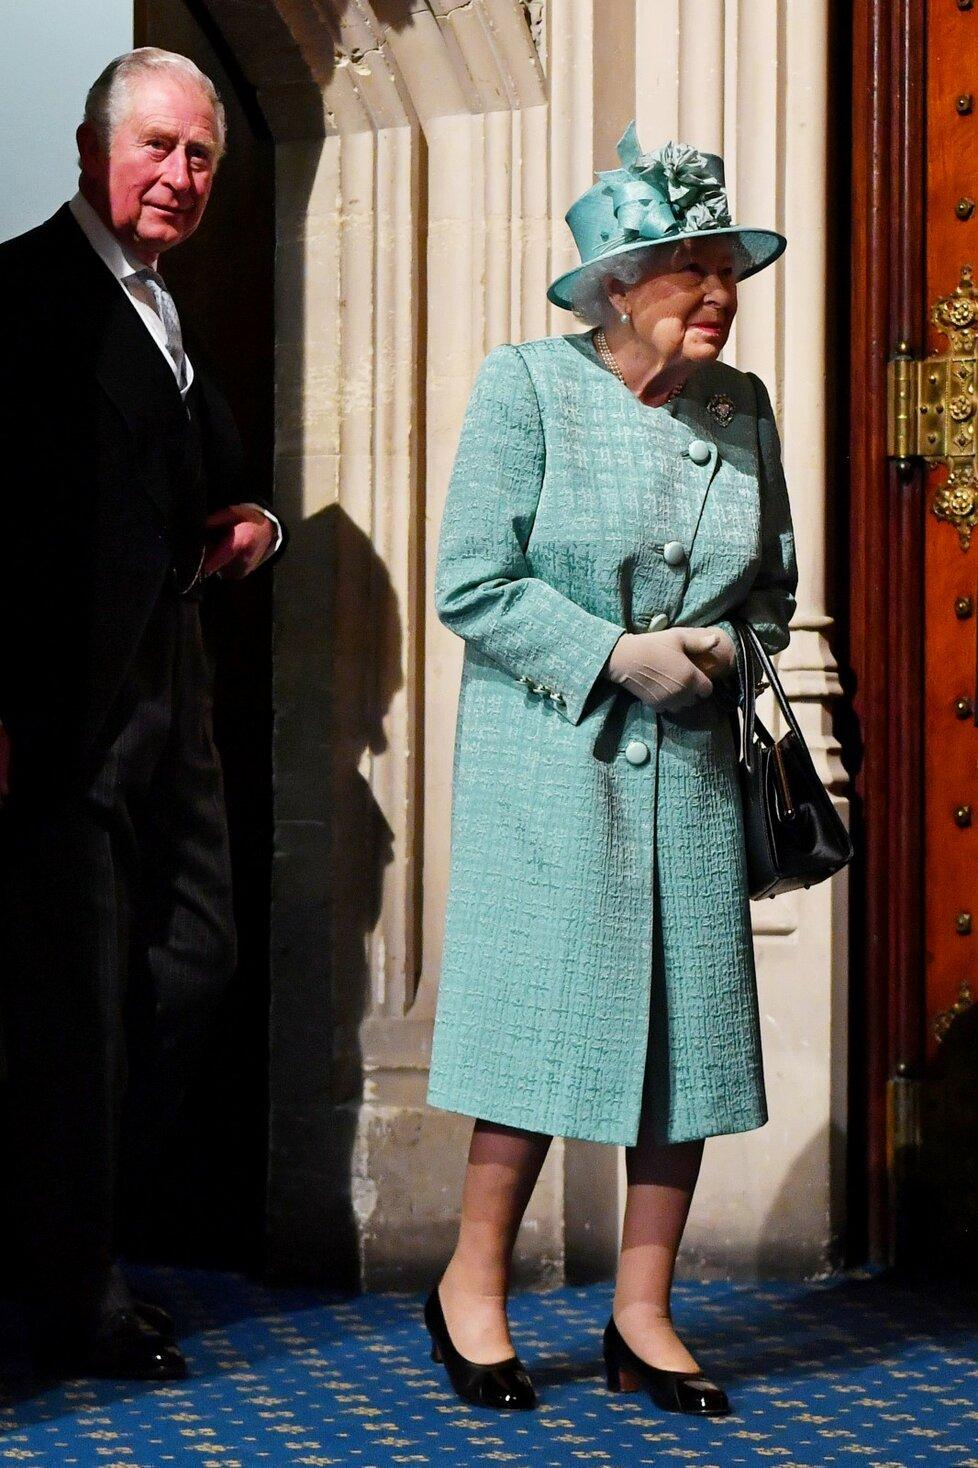 Královnu Alžbětu II. cestou za zákonodárci doprovodil princ Charles (19. 12. 2019).